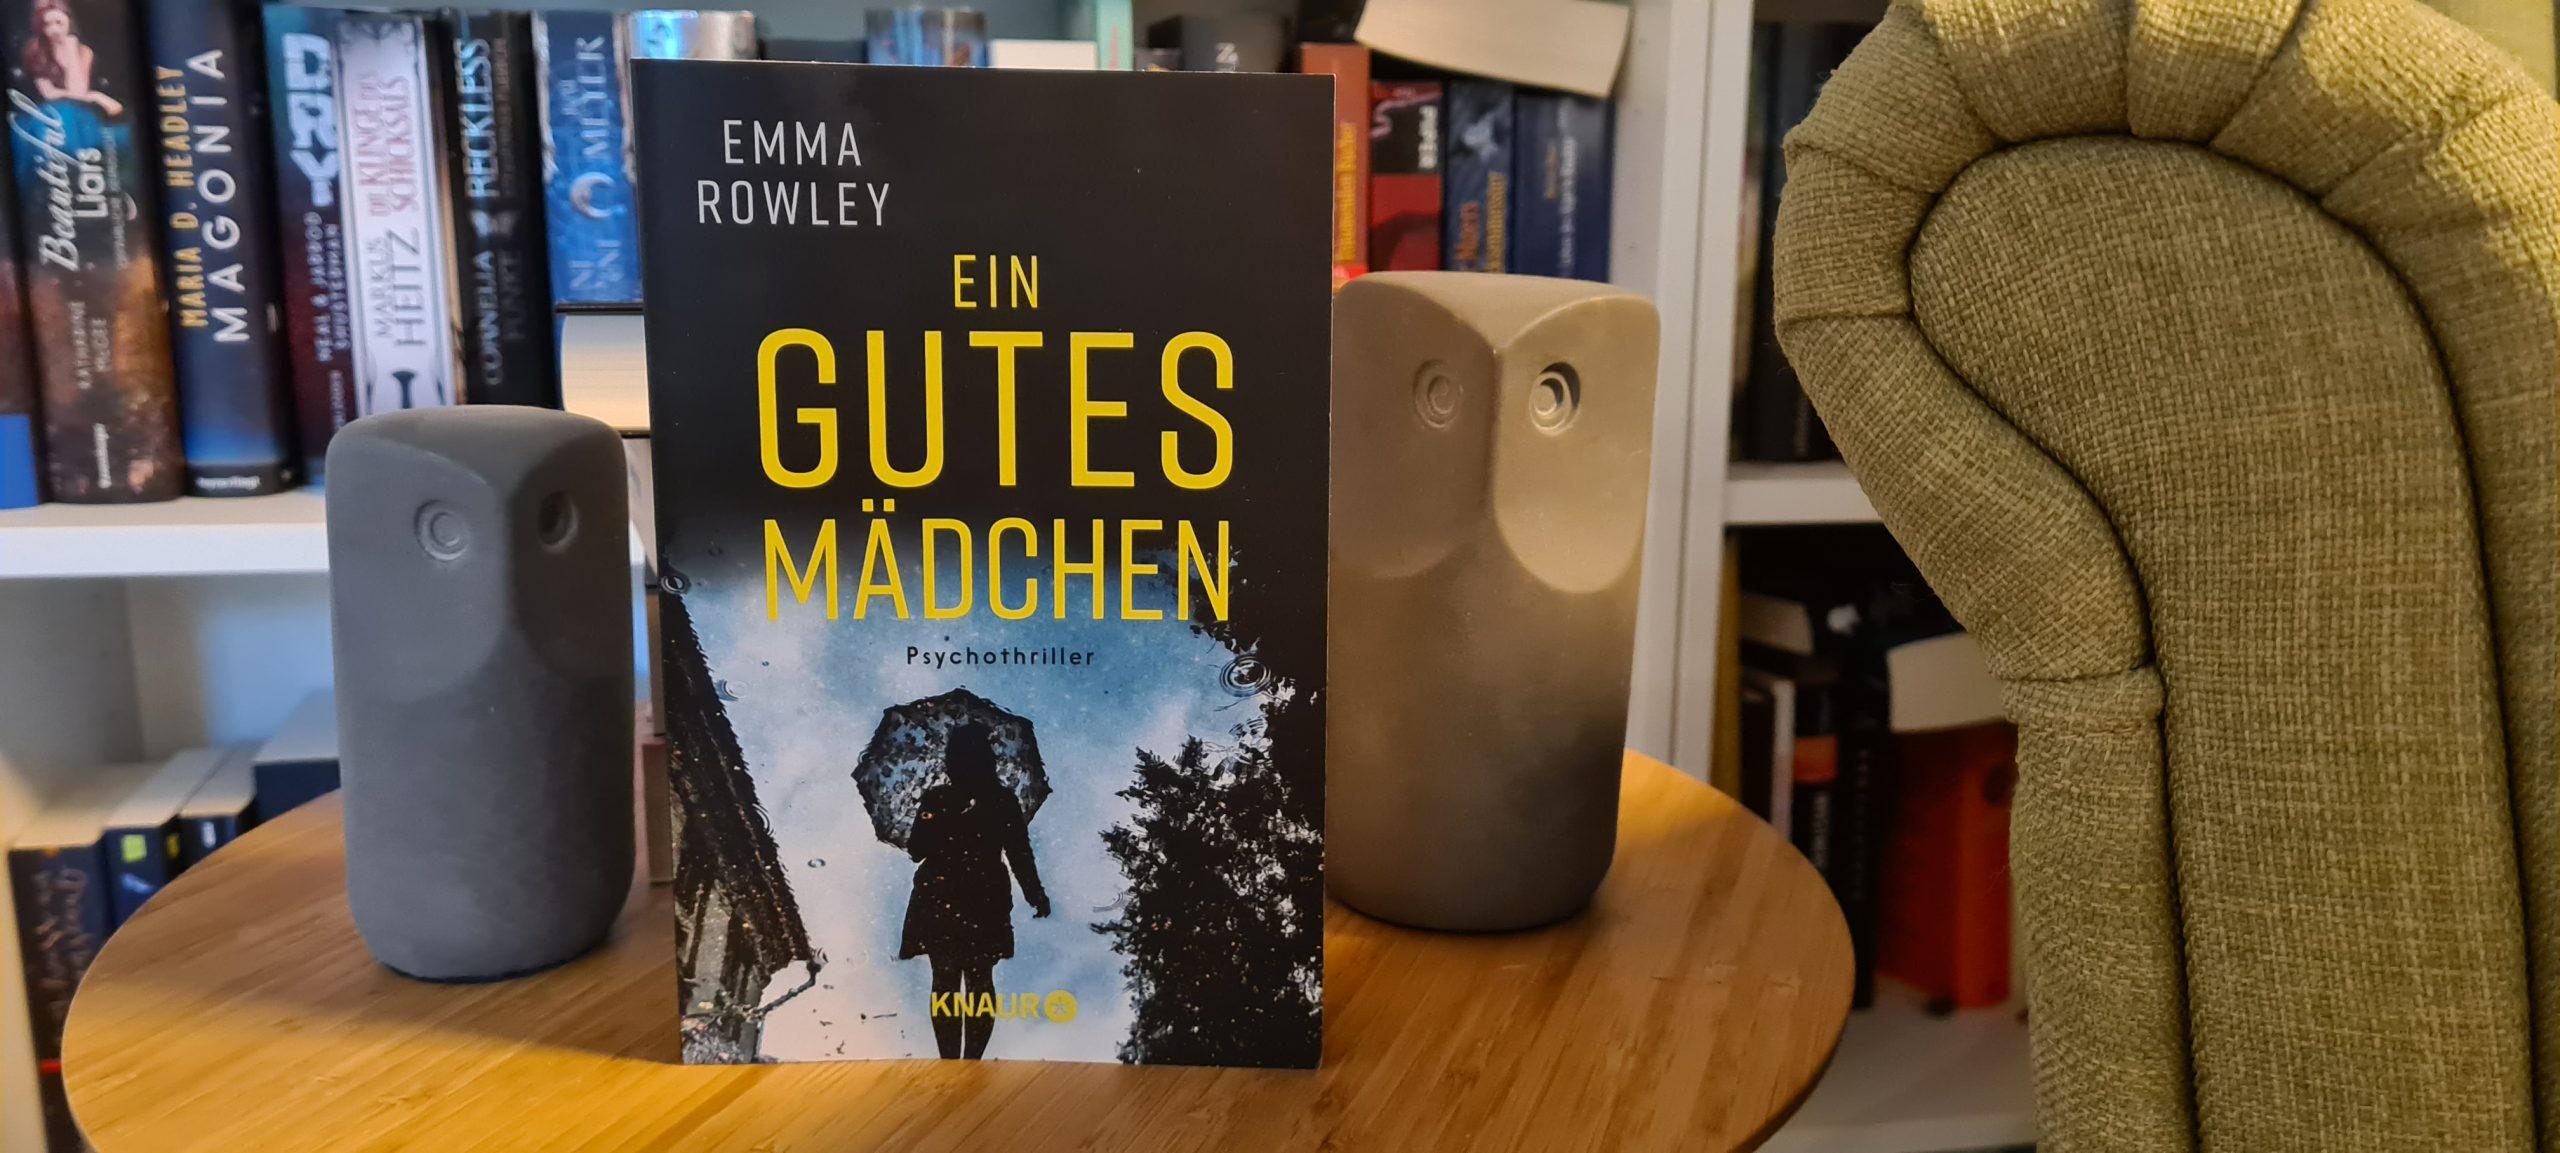 Ein gutes Mädchen - Emma Rowley